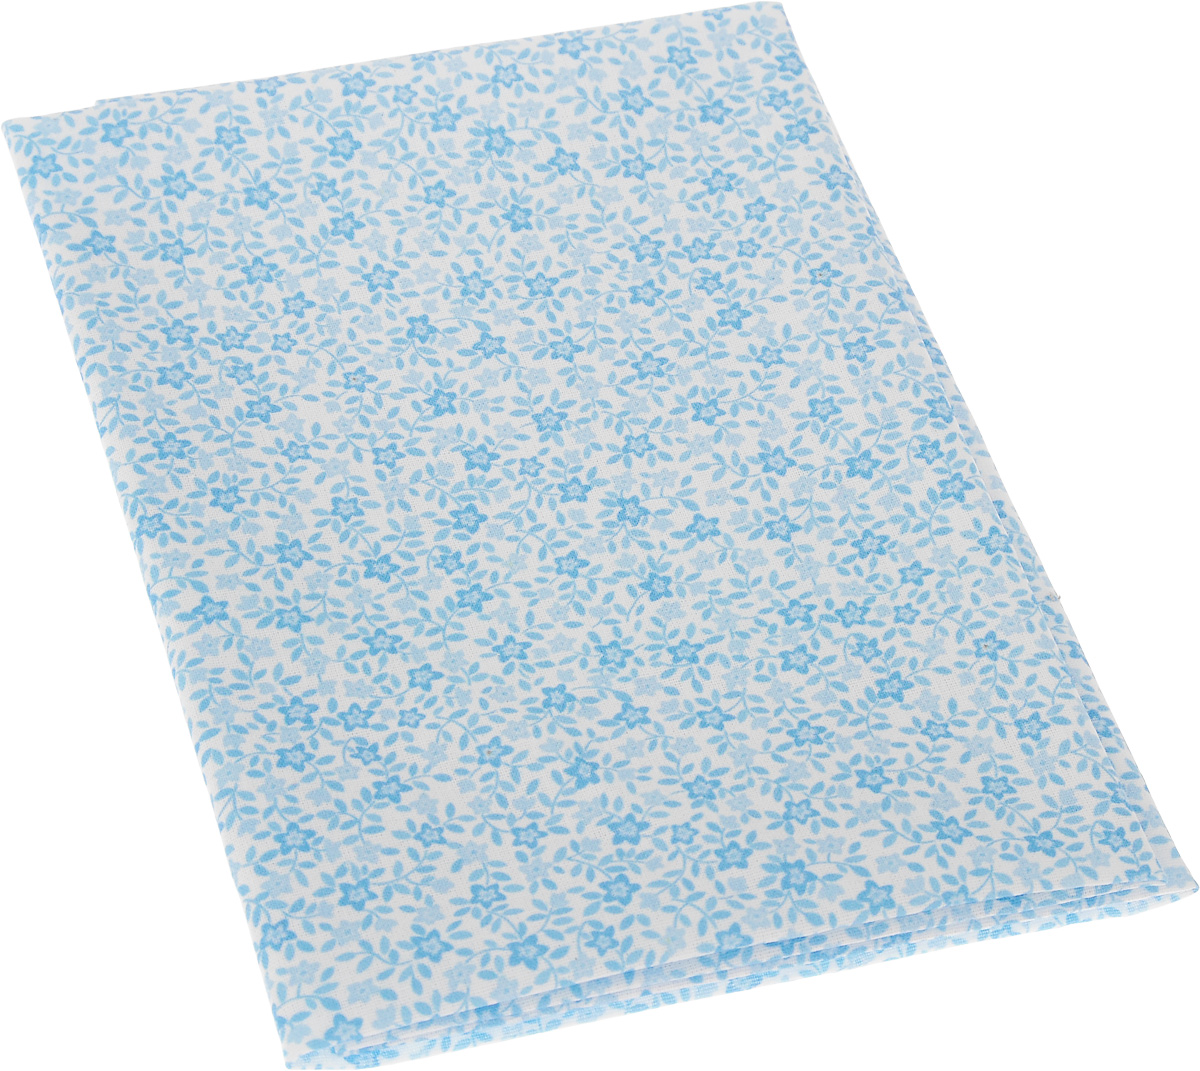 Ткань для пэчворка Артмикс Яркие цветочки, цвет: белый, голубой, 48 x 50 смAM577007Ткань Артмикс Яркие цветочки, изготовленная из 100% хлопка, предназначена для пошива одеял, покрывал, сумок, аппликаций и прочих изделий в технике пэчворк. Также подходит для пошива кукол, аксессуаров и одежды.Пэчворк - это вид рукоделия, при котором по принципу мозаики сшивается цельное изделие из кусочков ткани (лоскутков). Плотность ткани: 120 г/м2.УВАЖАЕМЫЕ КЛИЕНТЫ!Обращаем ваше внимание, на тот факт, что размер отреза может отличаться на 1-2 см.